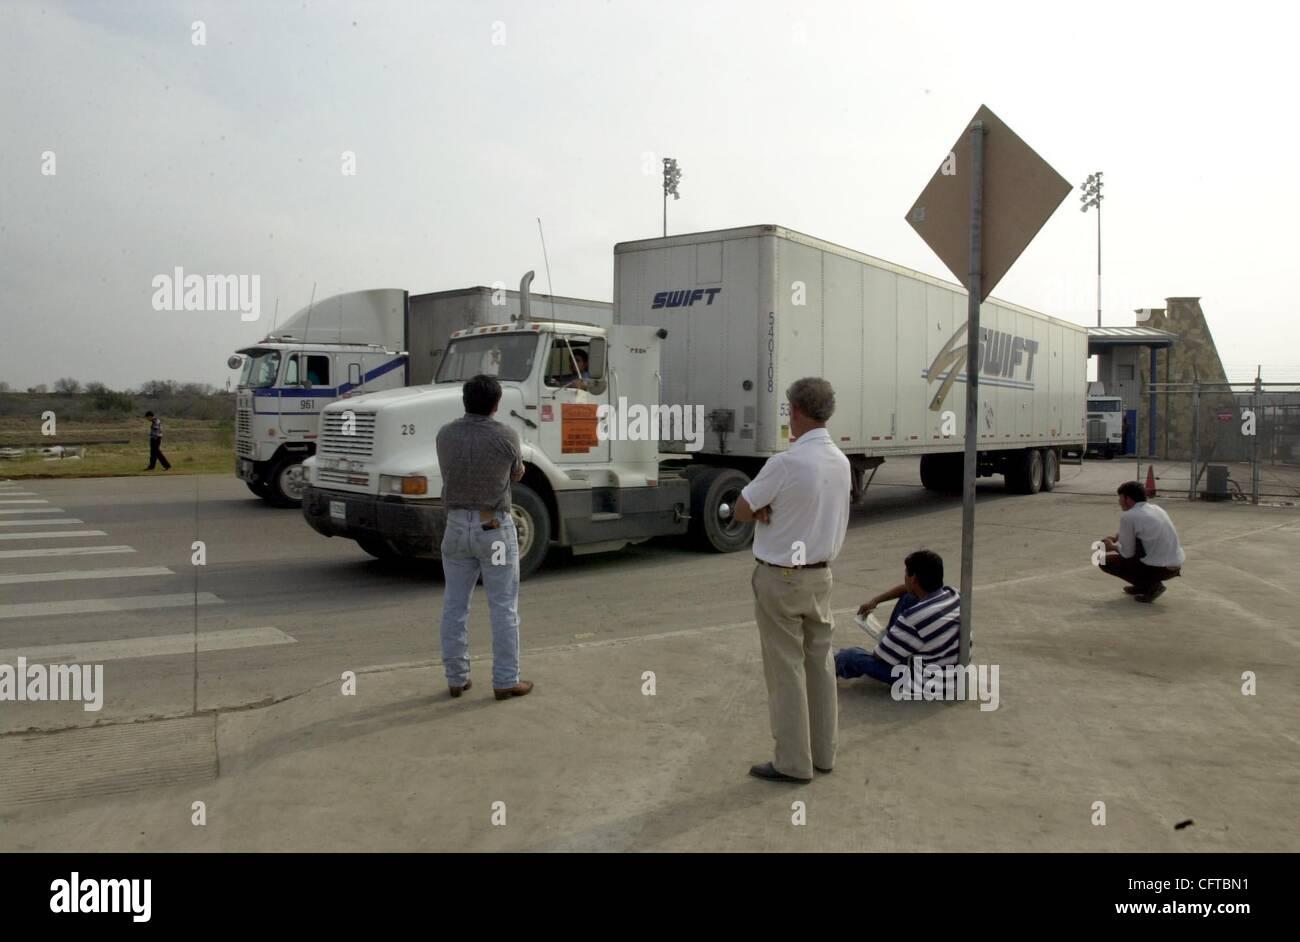 Der Begriff Naphtha bezieht sich auf mehrere Artikel für Kraftfahrzeugkraftstoffe, siehe Gas für die als Lösungsmittel oder Ausgangsmaterial verwendete chemische Verbindung siehe Petroleumether Für den NAFTA-Handelsblock siehe Nordamerikanisches Freihandelsabkommen.